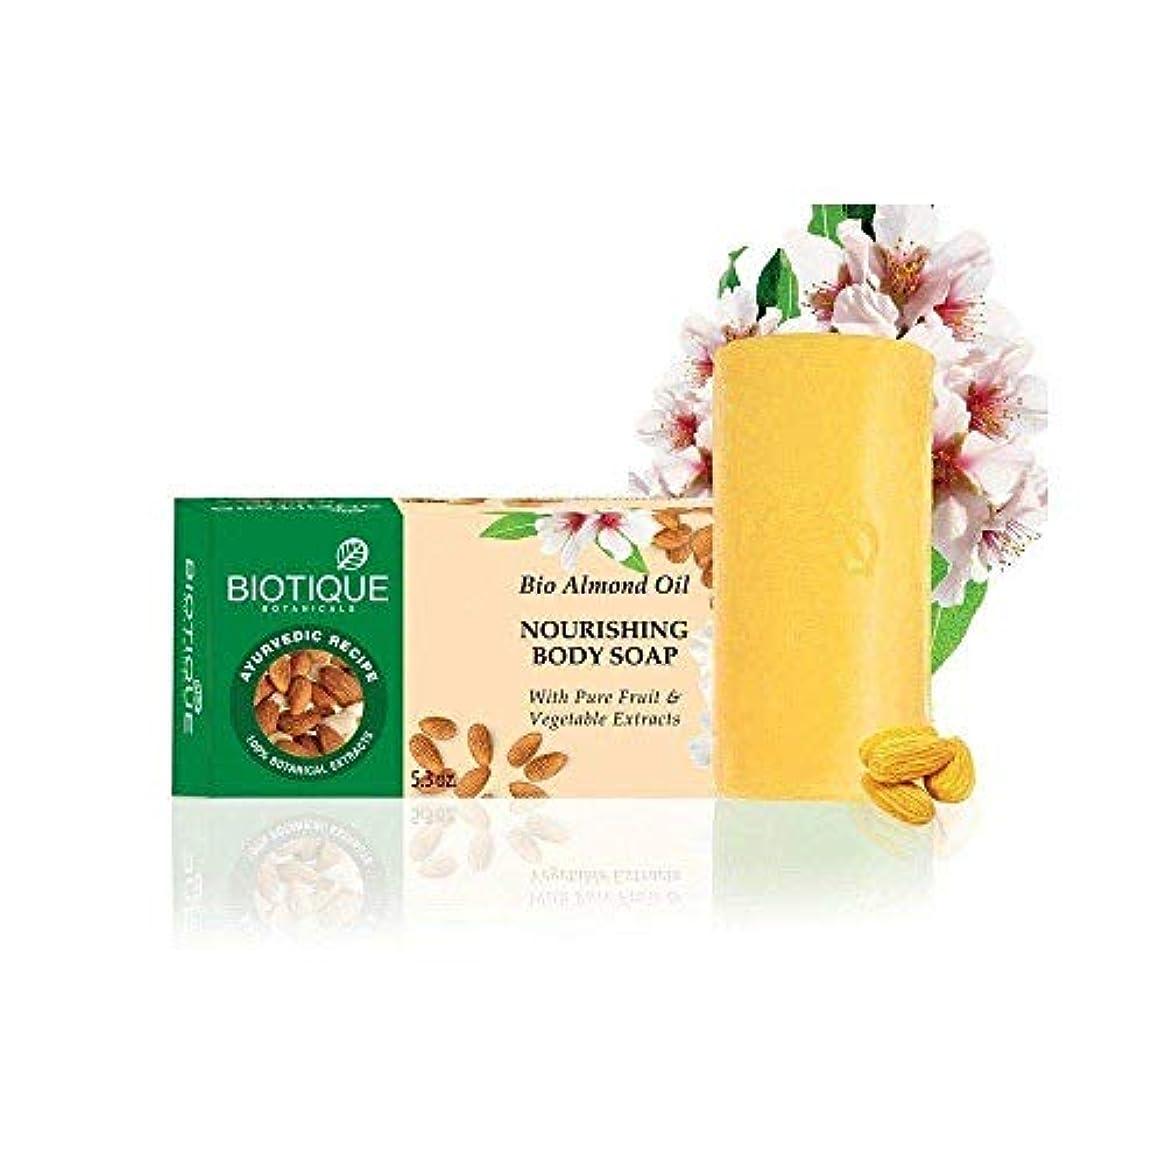 ブロック窒息させる放射性Biotique Bio Almond Oil Nourishing Body Soap - 150g (Pack of 2) wash Impurities Biotique Bio Almond Oilナリッシングボディソープ...